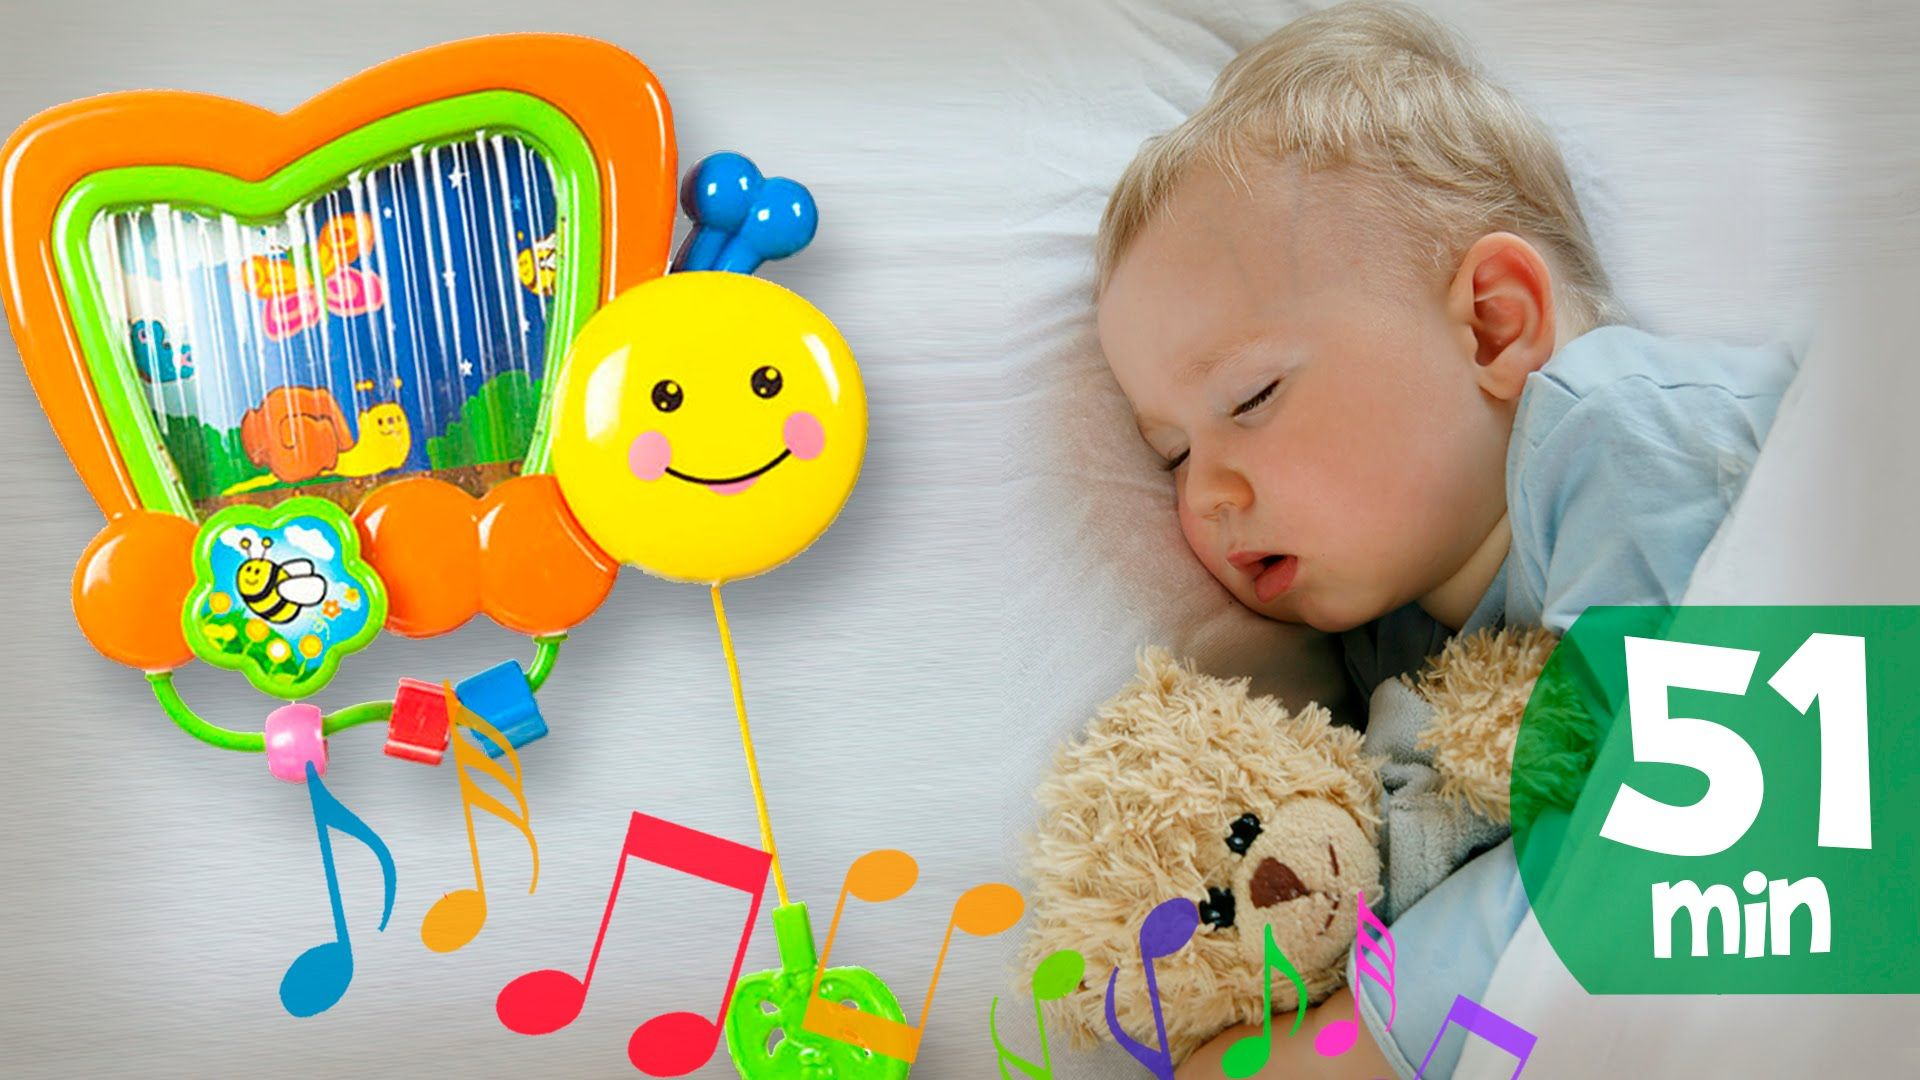 Música Para Hacer Dormir Bebés Profundamente Canción De Cuna Para Bebes Noche Tranquila Dormir Bebe Canciones Para Bebés Musica Dormir Bebes